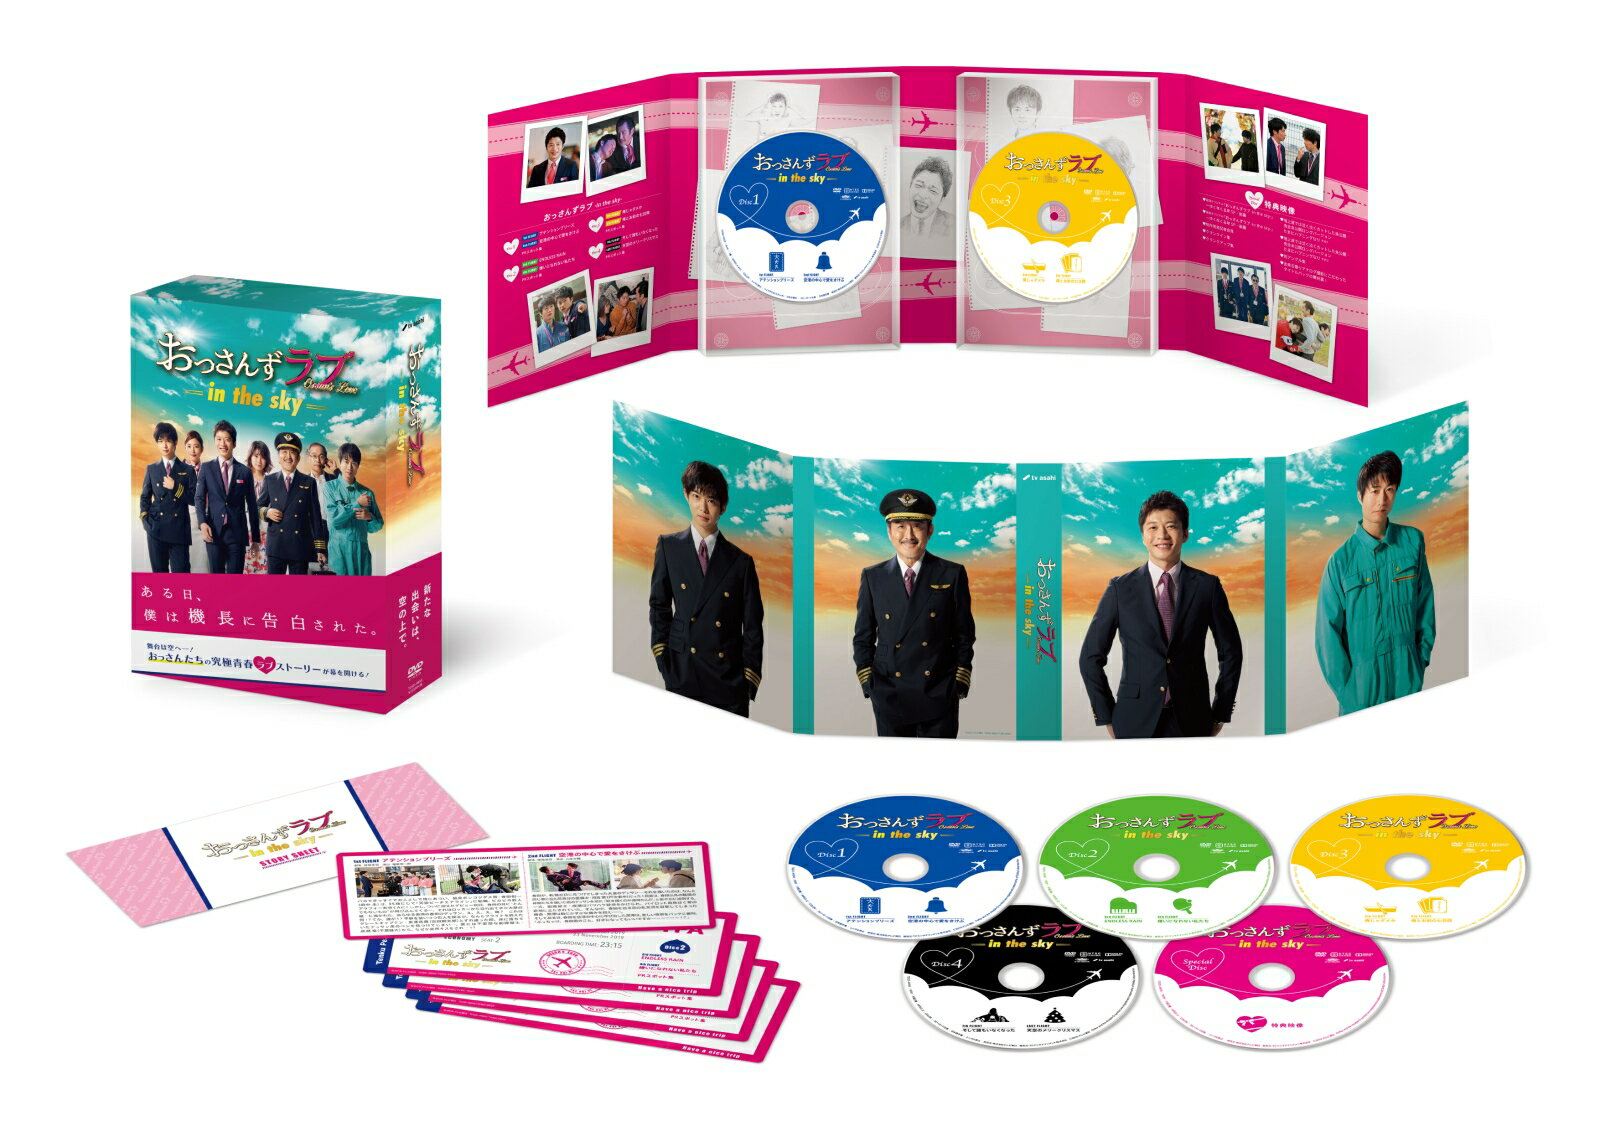 おっさんずラブ -in the sky- DVD-BOX